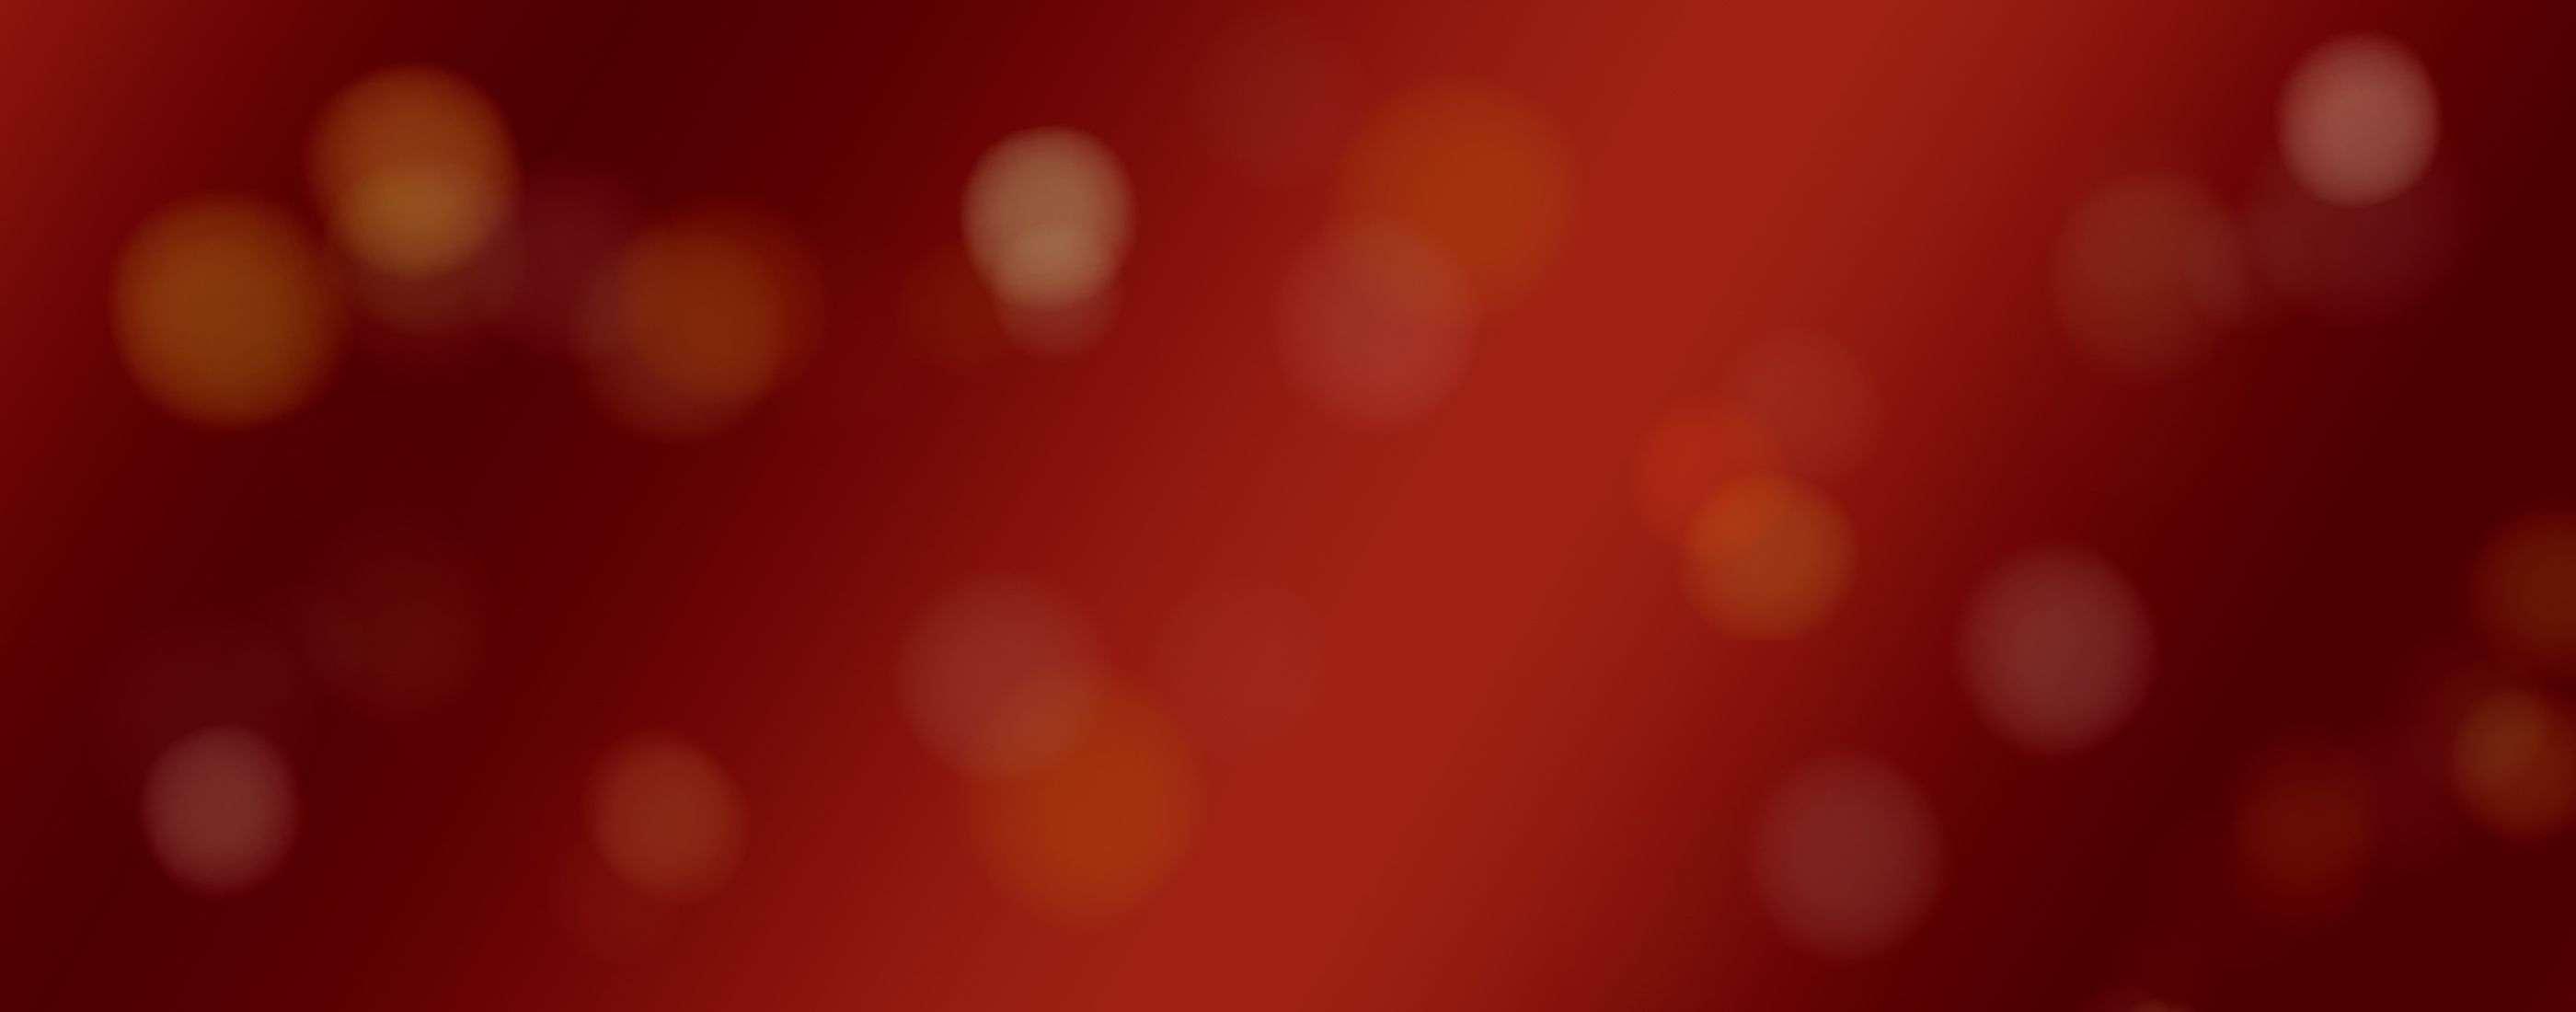 hiv dejtingsajt Gauteng gratis dejtingsajter i Europa och Amerika